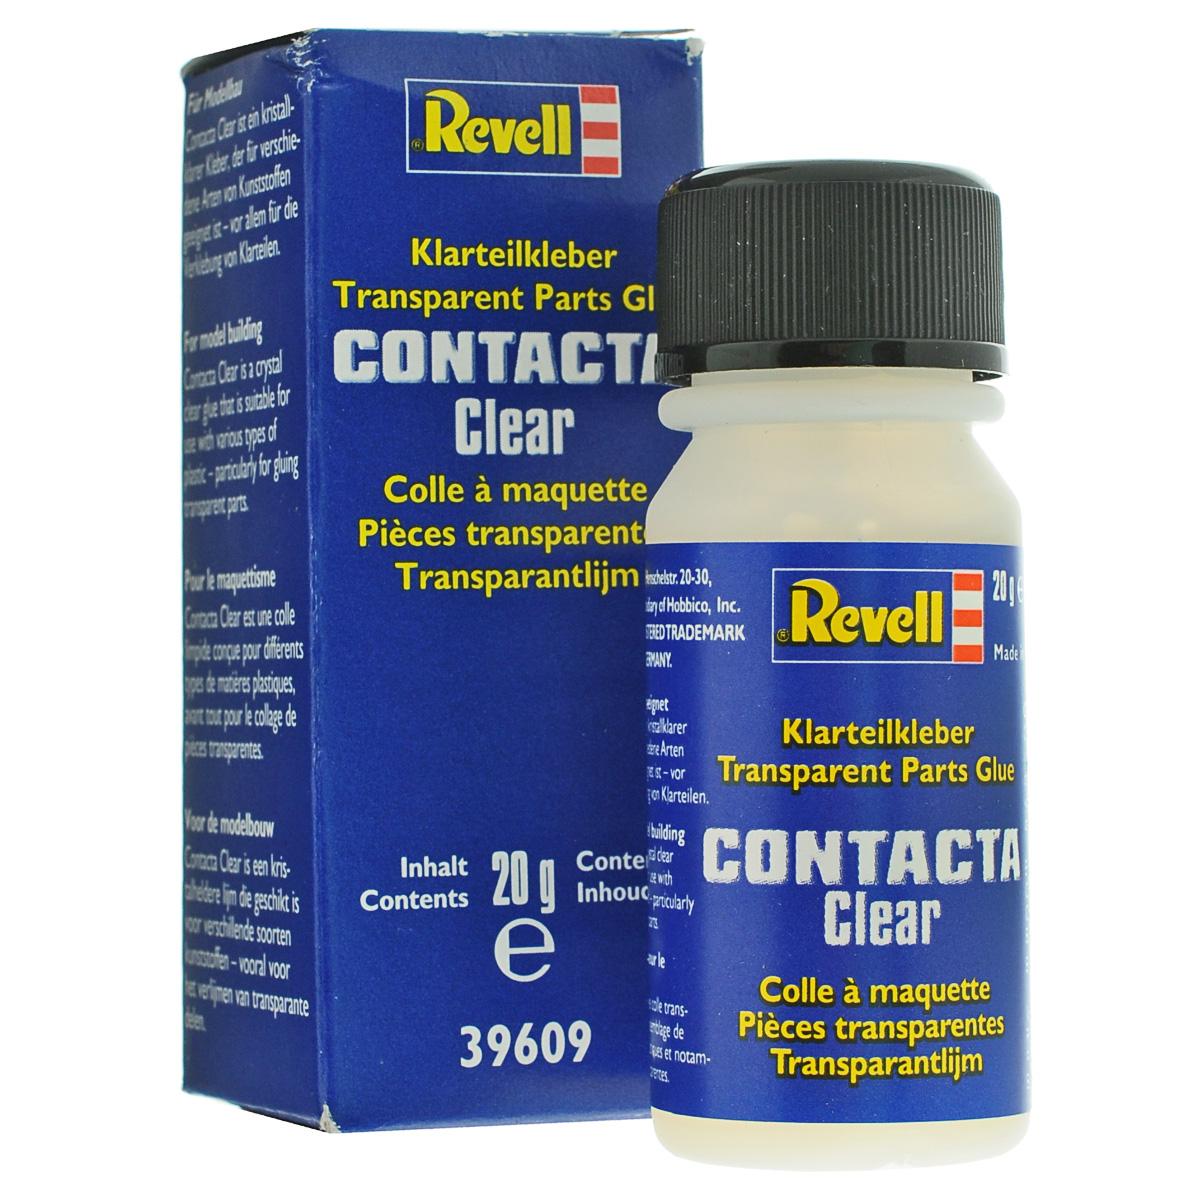 """Клей Revell """"Contacta Clear"""" предназначен для склеивания прозрачных пластмассовых деталей. Не оставляет следов. Клей имеет удобную пластиковую баночку с завинчивающейся крышкой. На внутренней стороне крышки расположена кисточка для нанесения. Клей обеспечивает прочное и незаметное соединение прозрачных деталей. Вес: 20 г."""